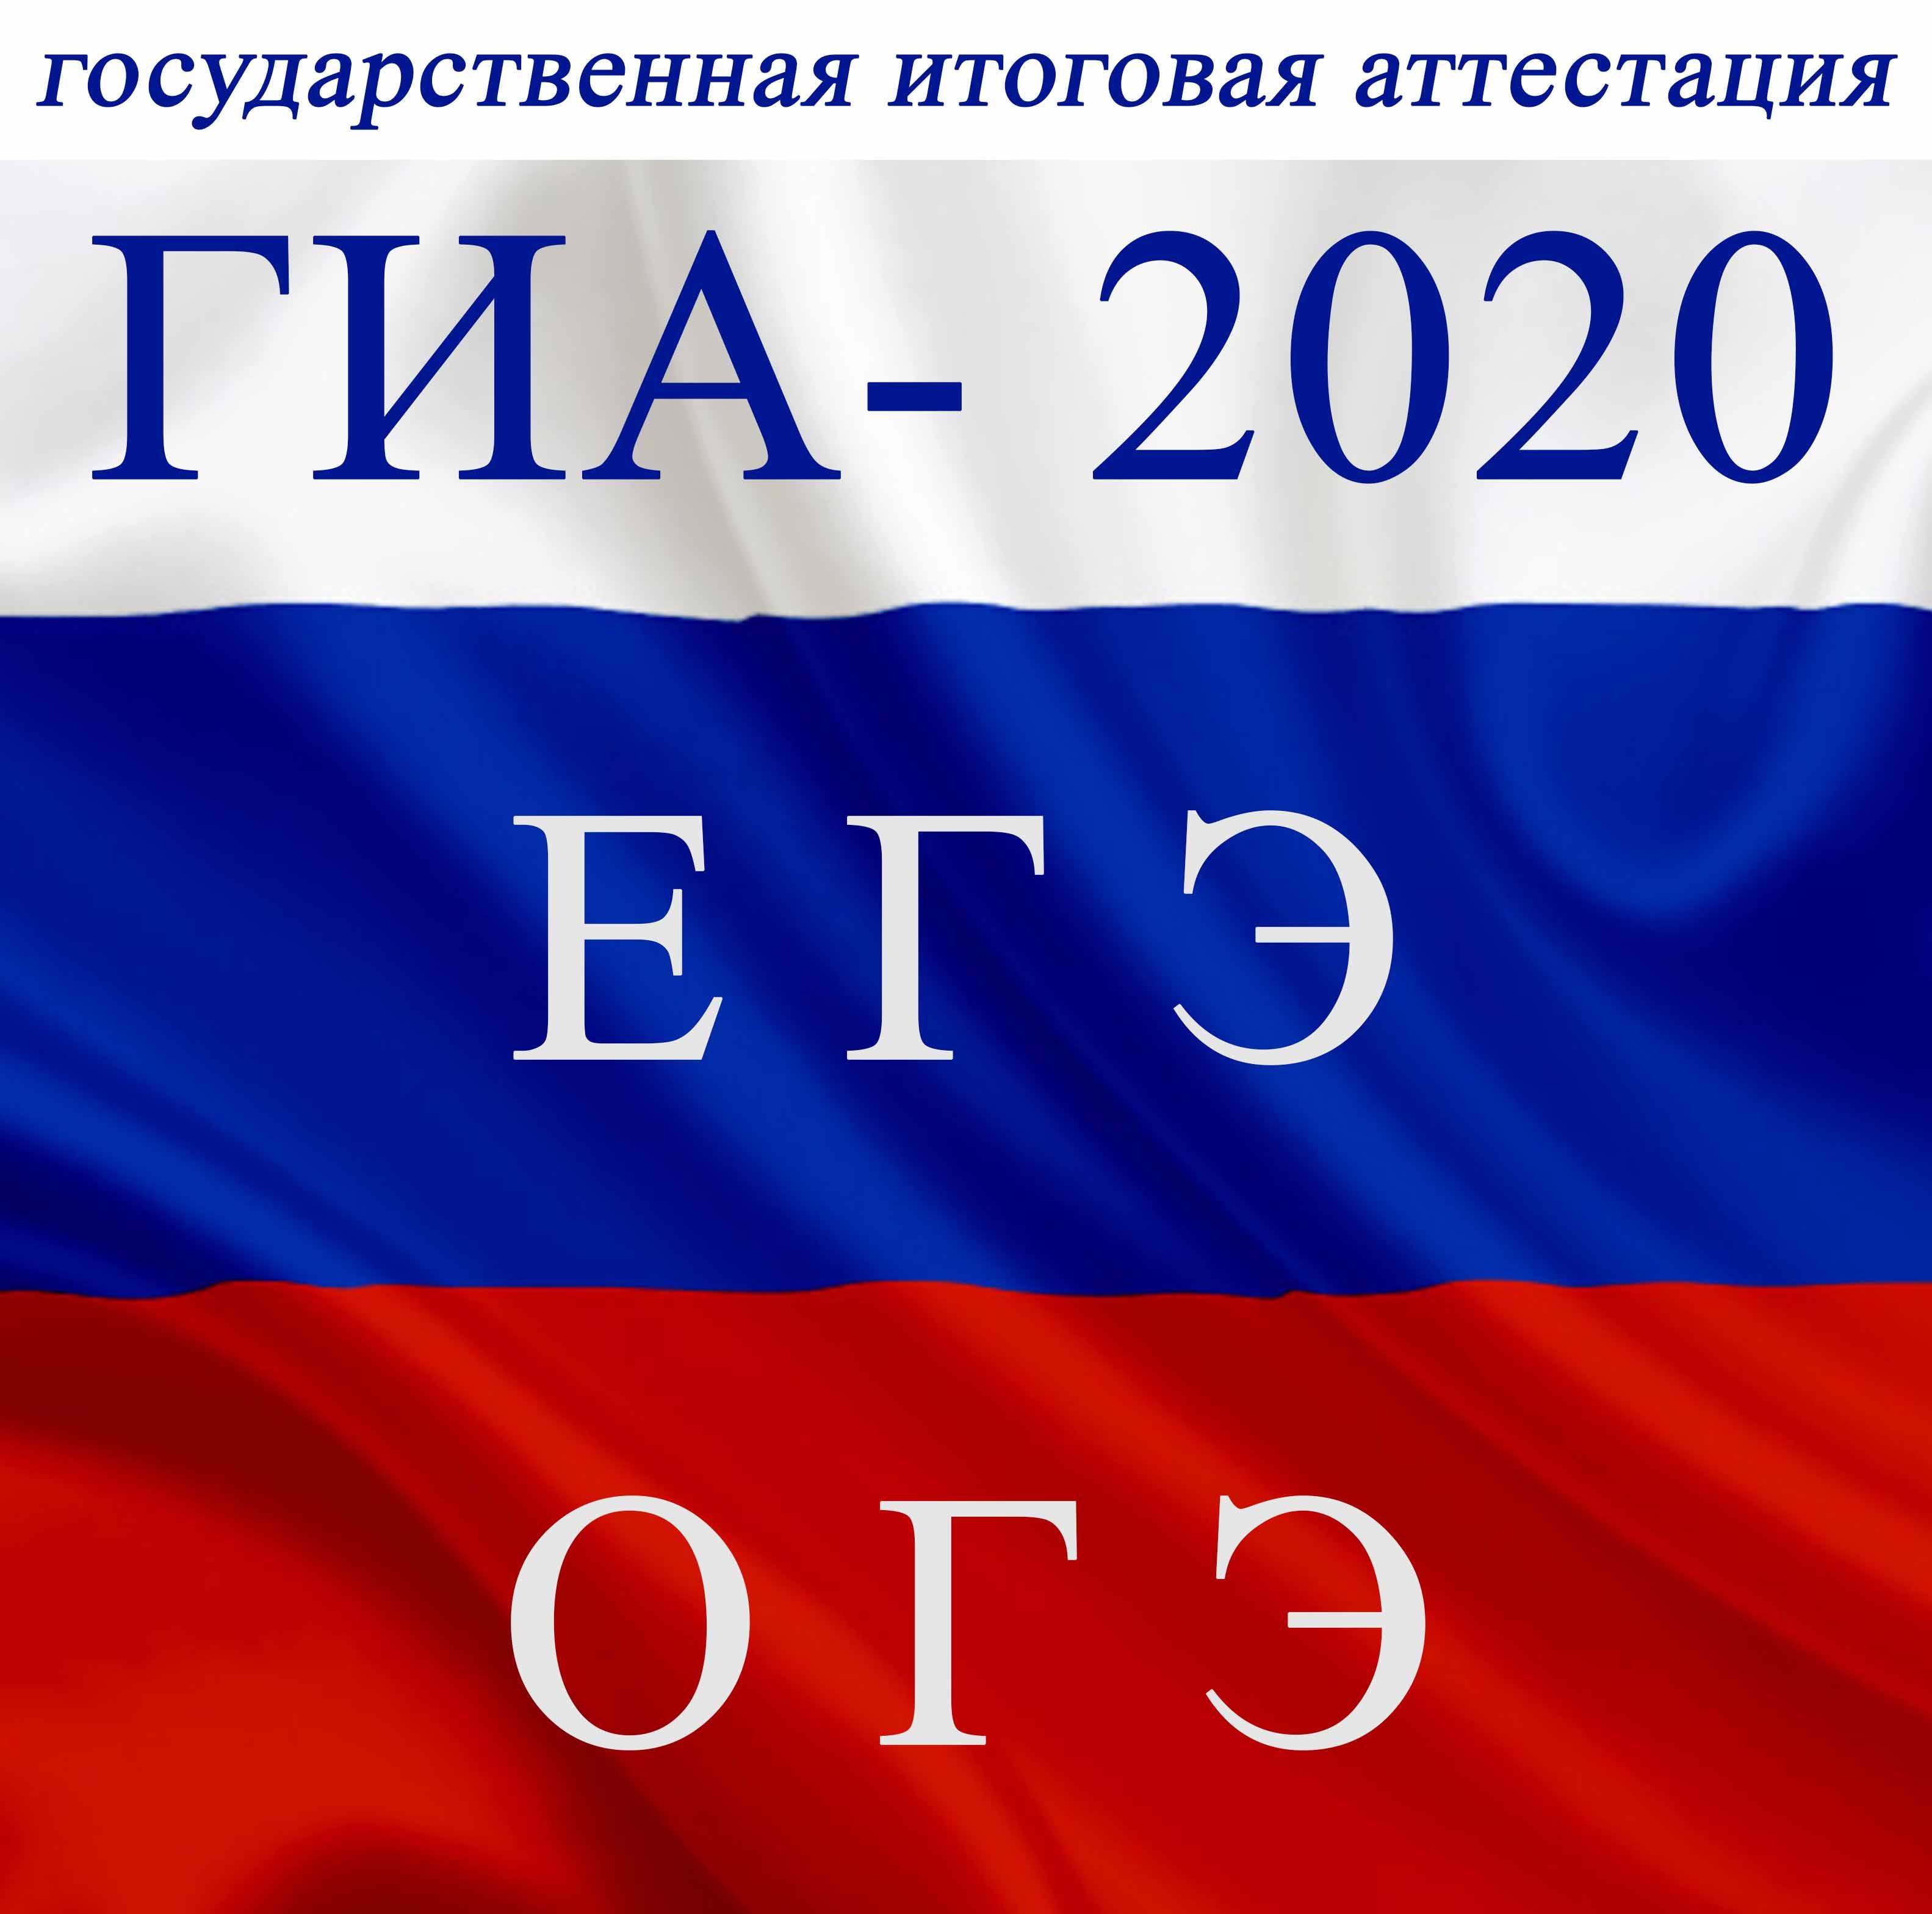 Картинки по запросу Городское родительское интернет-собрание, посвященное подготовке к ГИА 2020